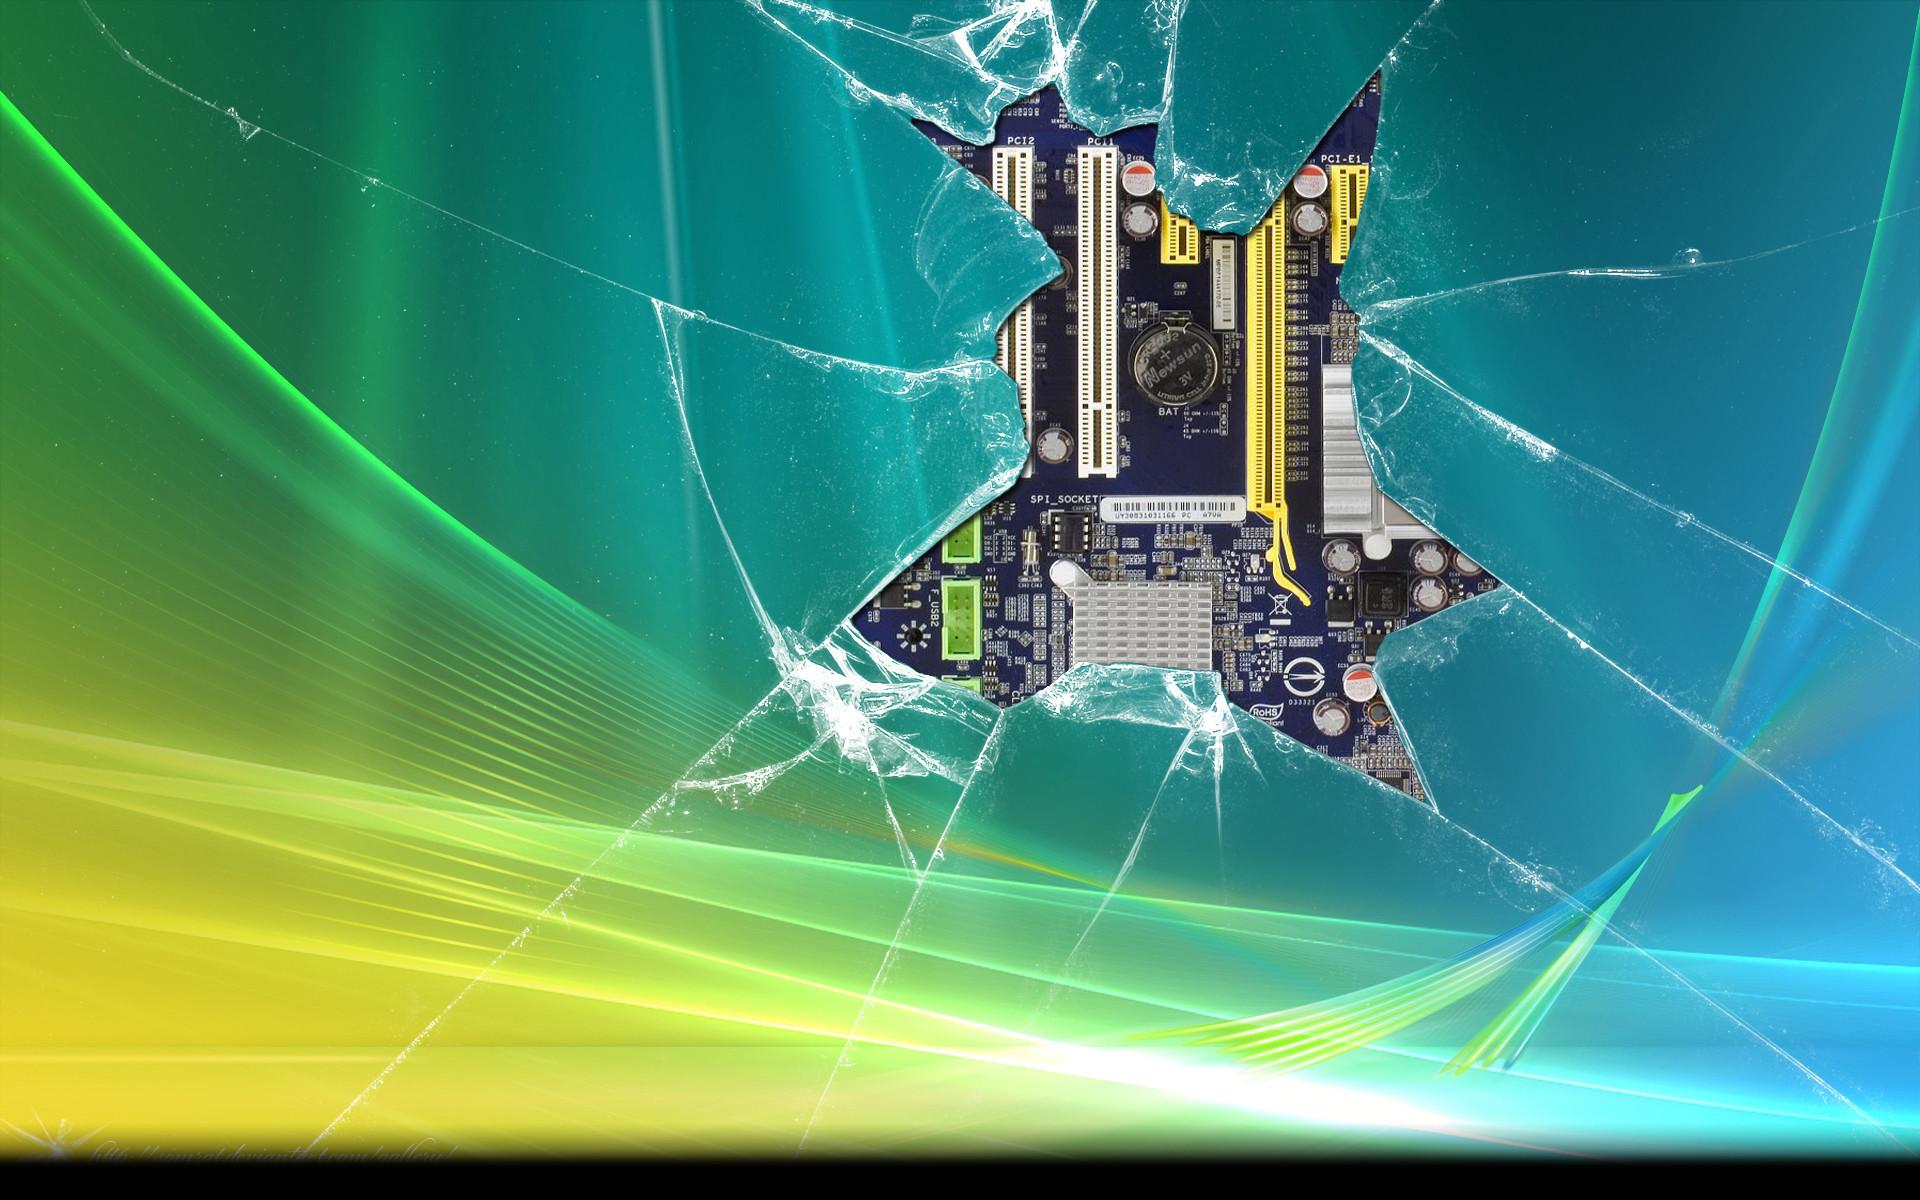 Windows Vista Desktop Background 54 Images